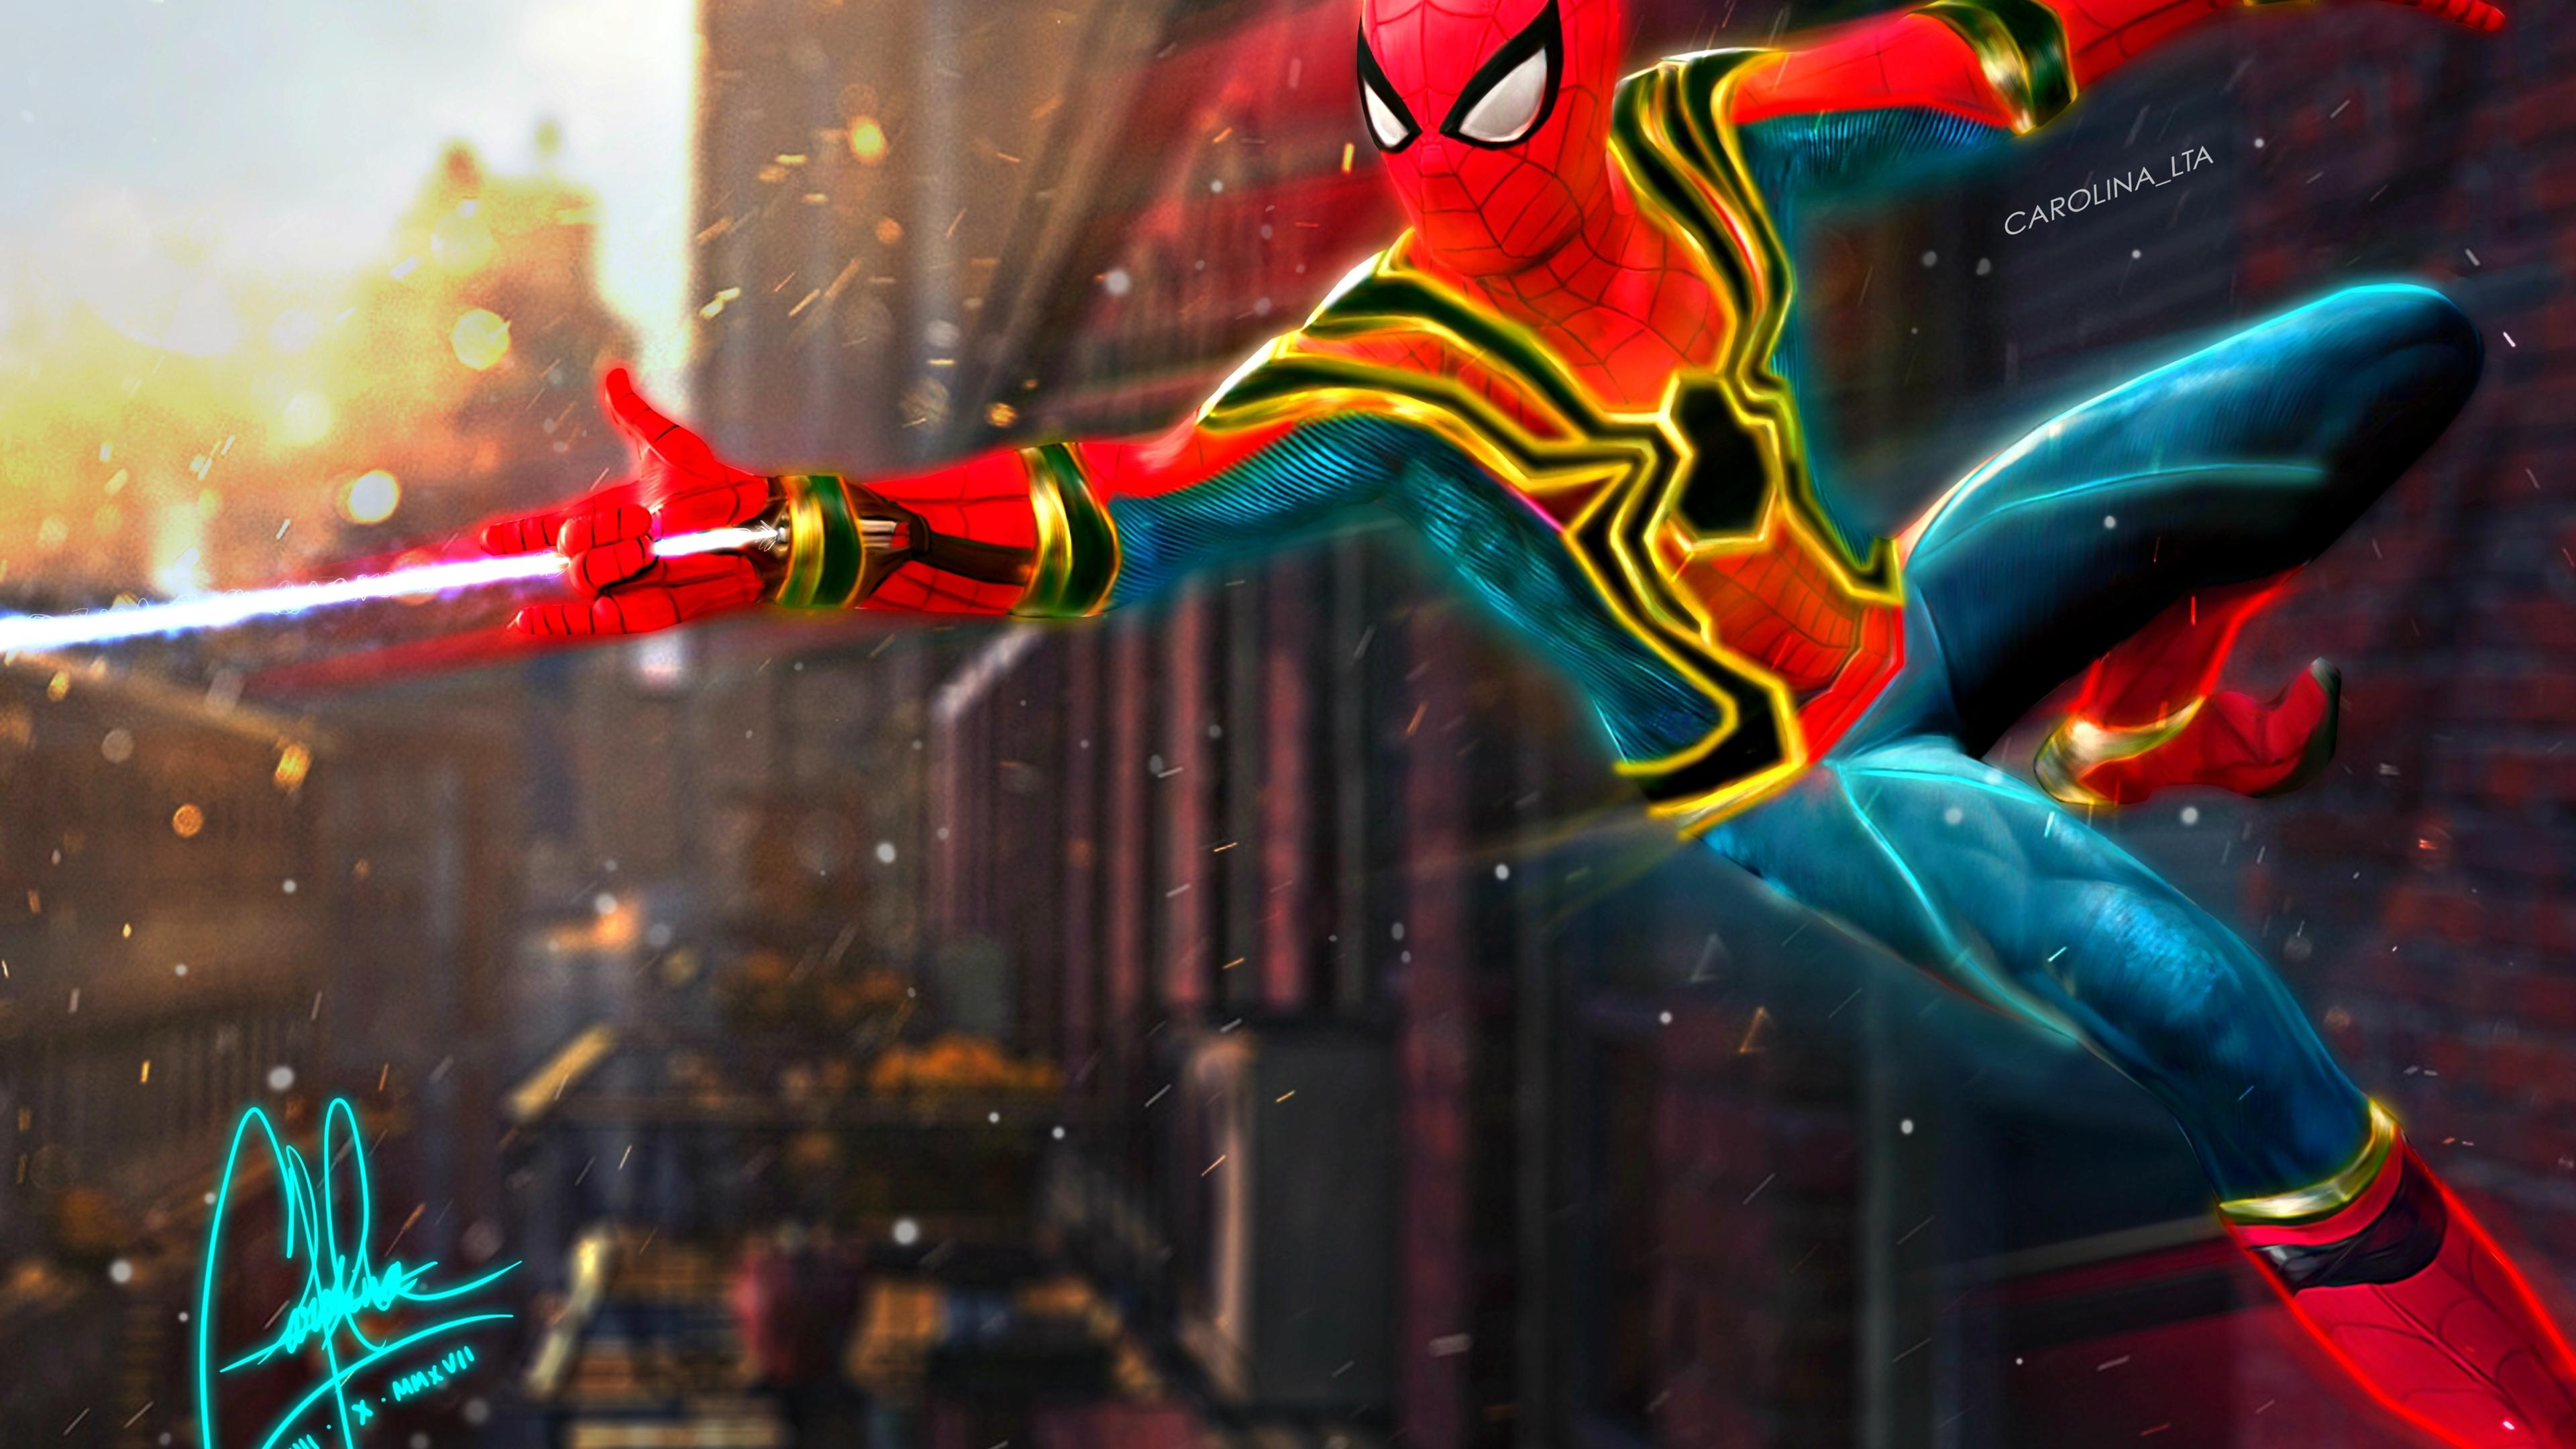 spiderman 4k fan art 1538786580 - Spiderman 4k Fan Art - superheroes wallpapers, spiderman wallpapers, hd-wallpapers, digital art wallpapers, behance wallpapers, artwork wallpapers, artist wallpapers, 4k-wallpapers